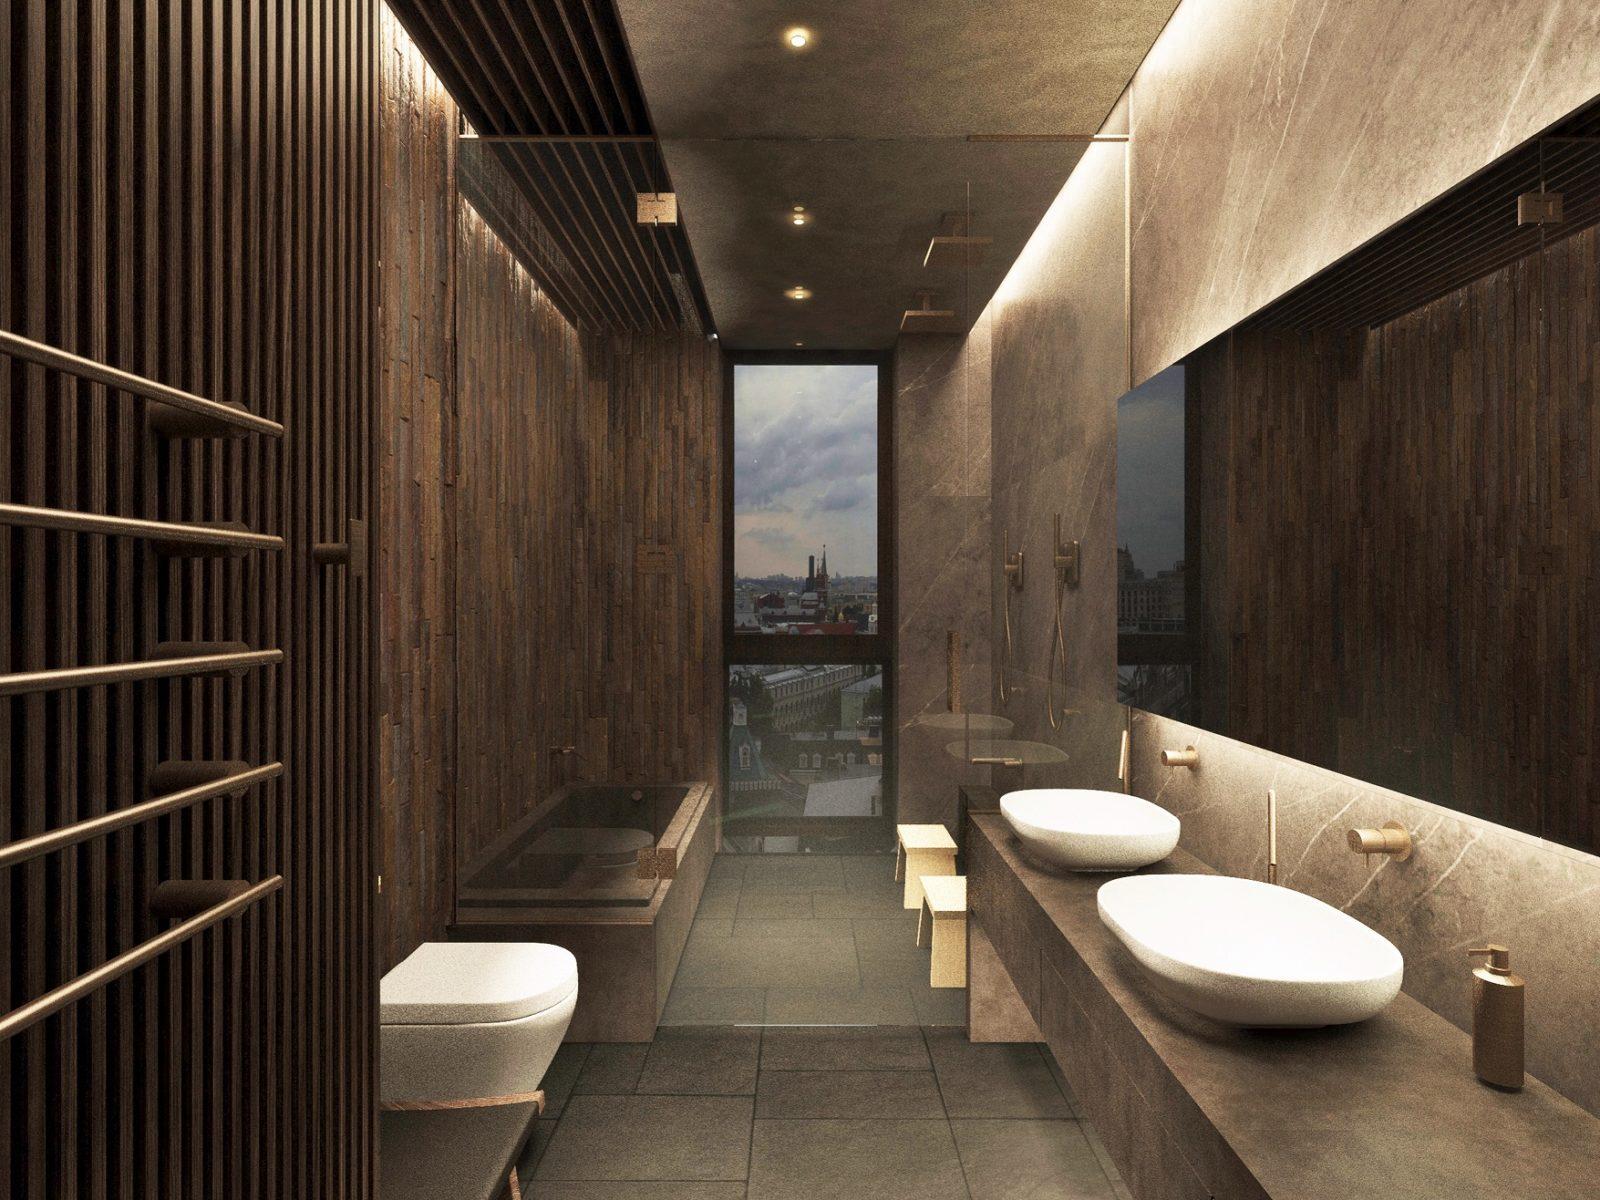 Ванная комната стиль хайтек